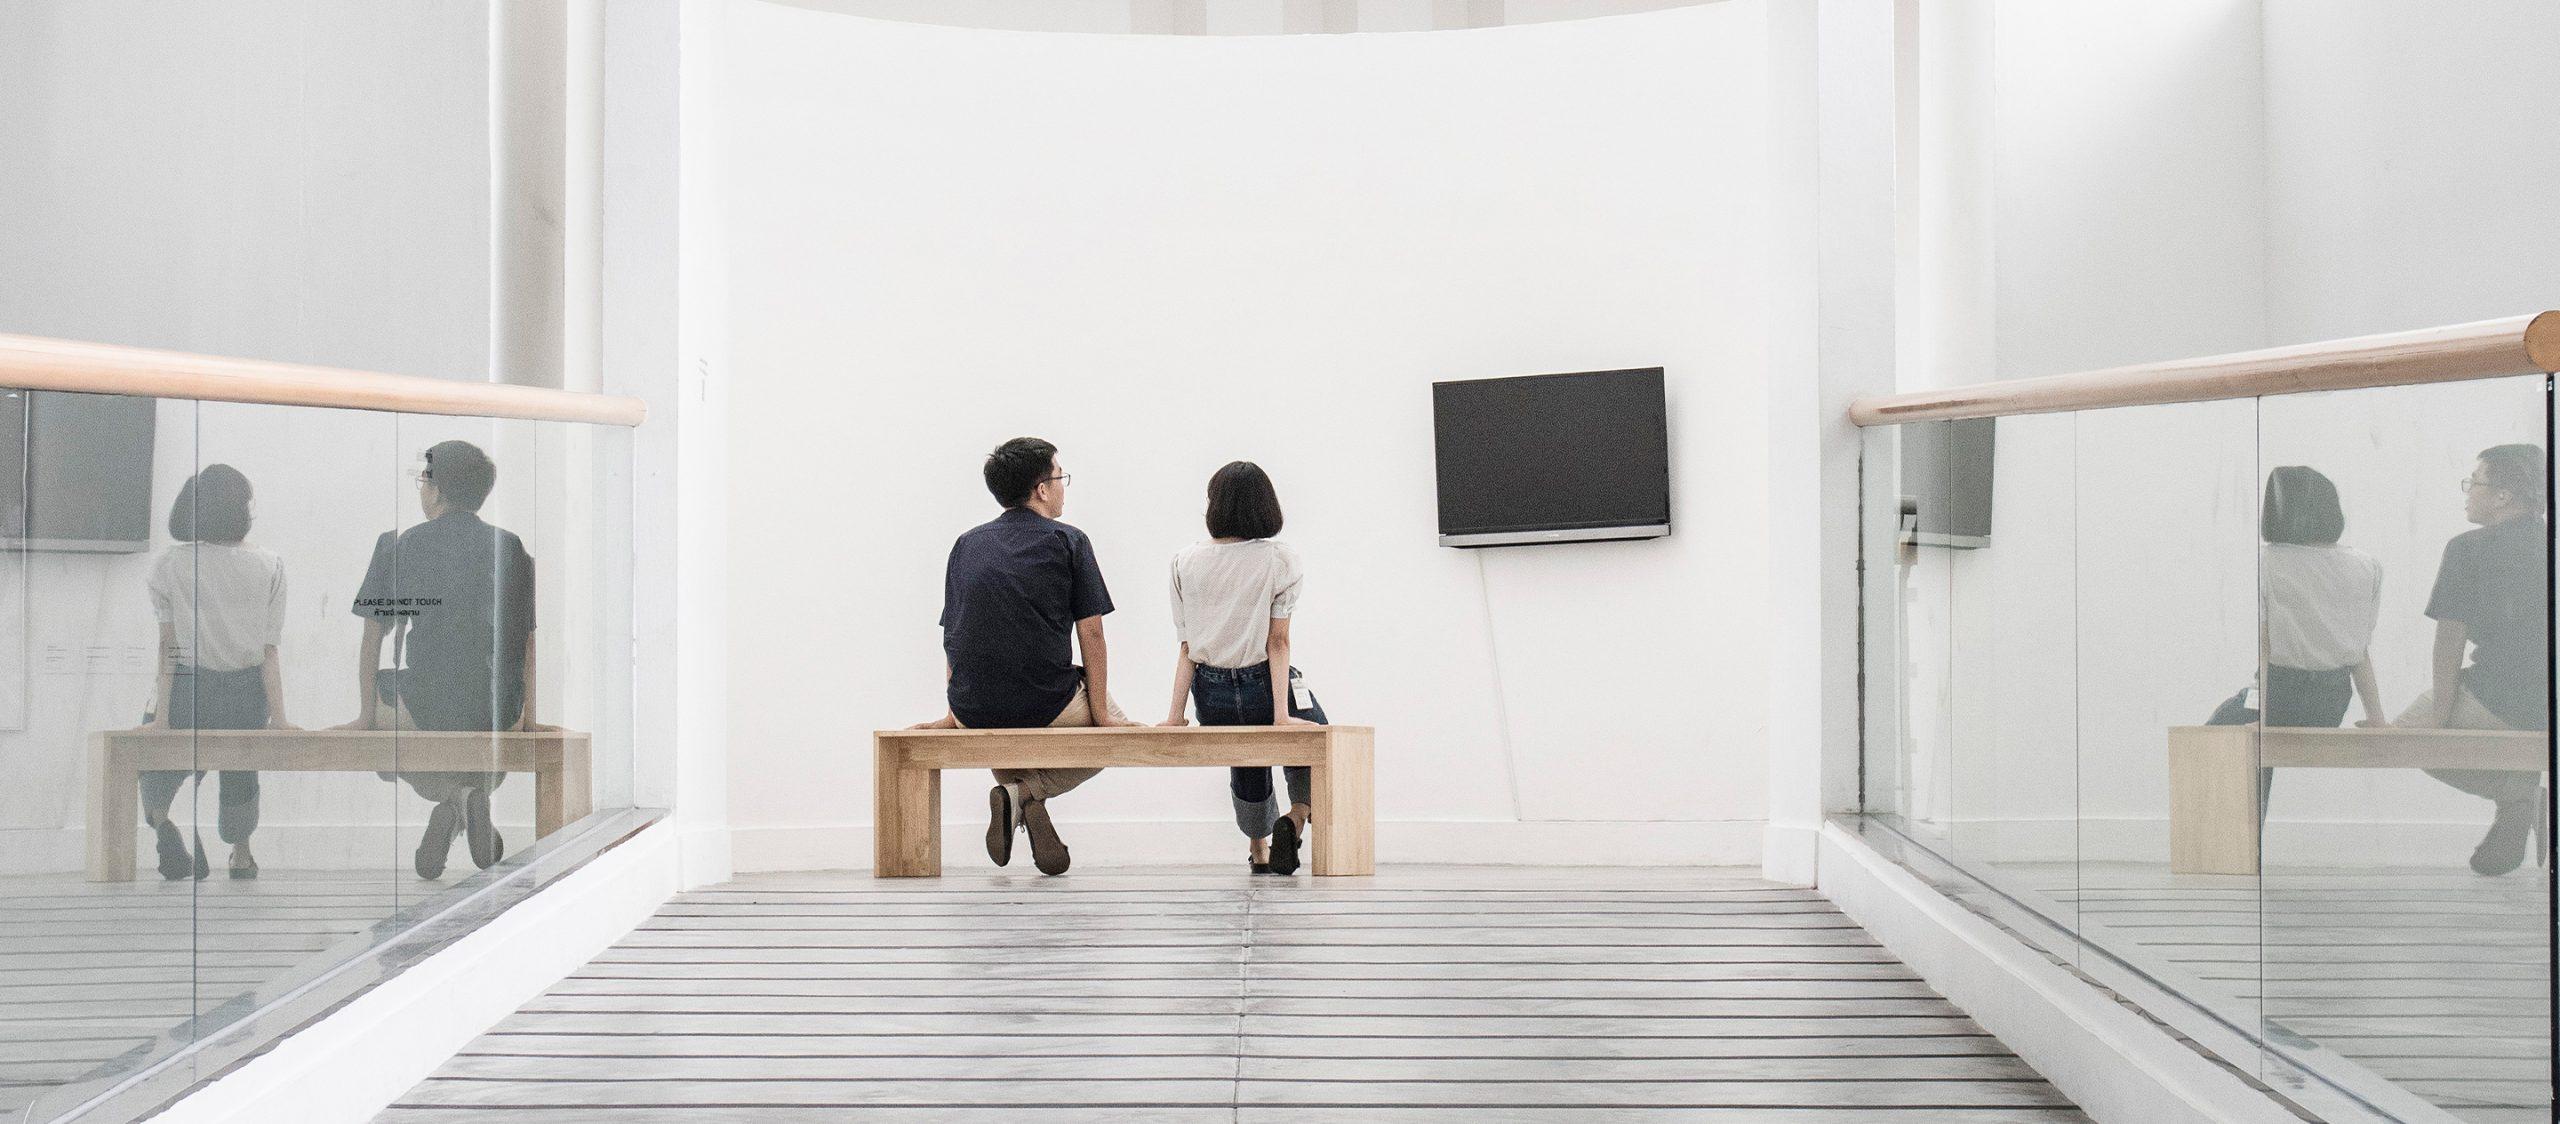 """""""หอศิลป์ไม่ใช่สถานที่หรอก แต่เป็นผู้คน"""" หลากหลายถ้อยคำและความผูกพันจากมนุษย์หอศิลปกรุงเทพฯ"""